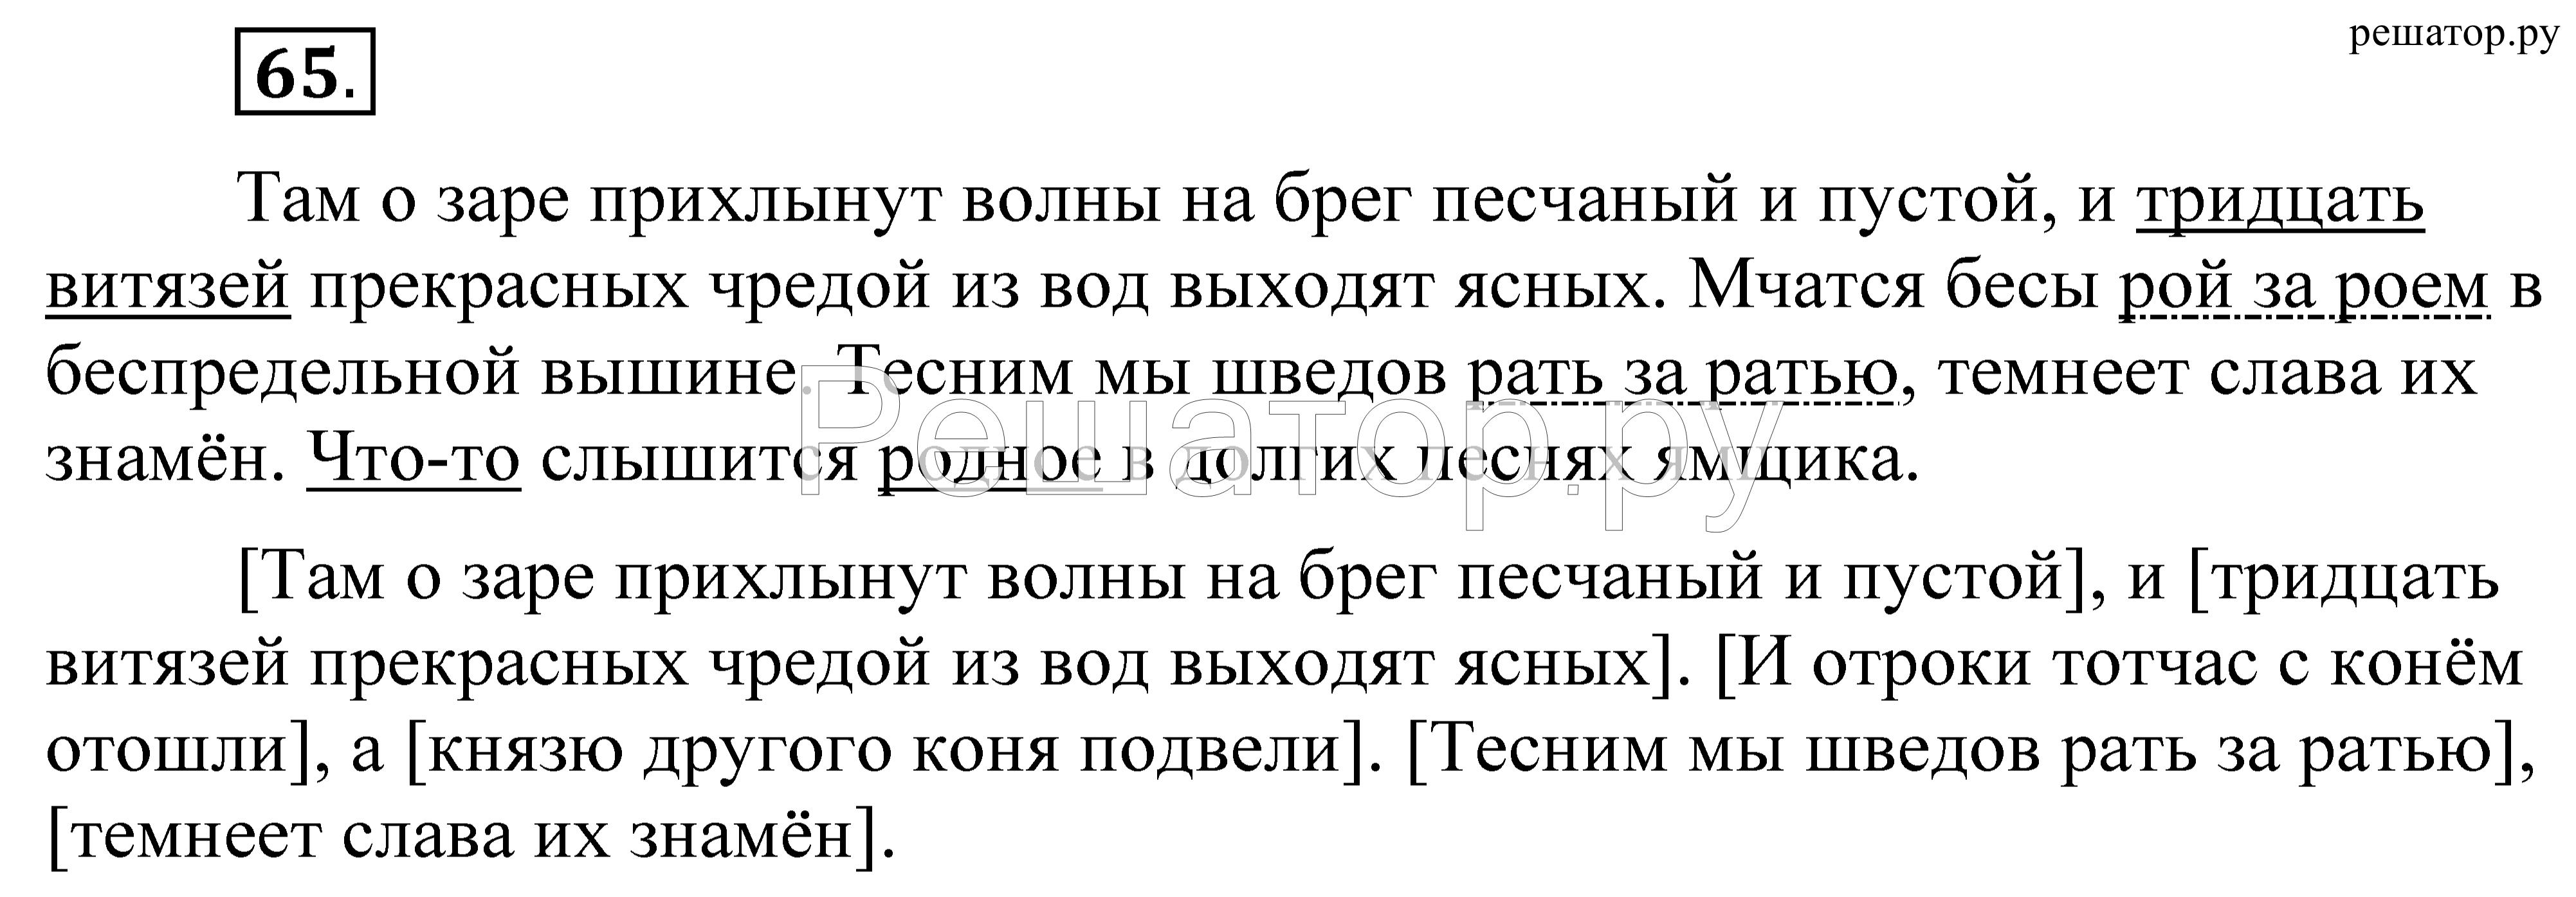 Гдз по русскому 8 пичугов онлайн